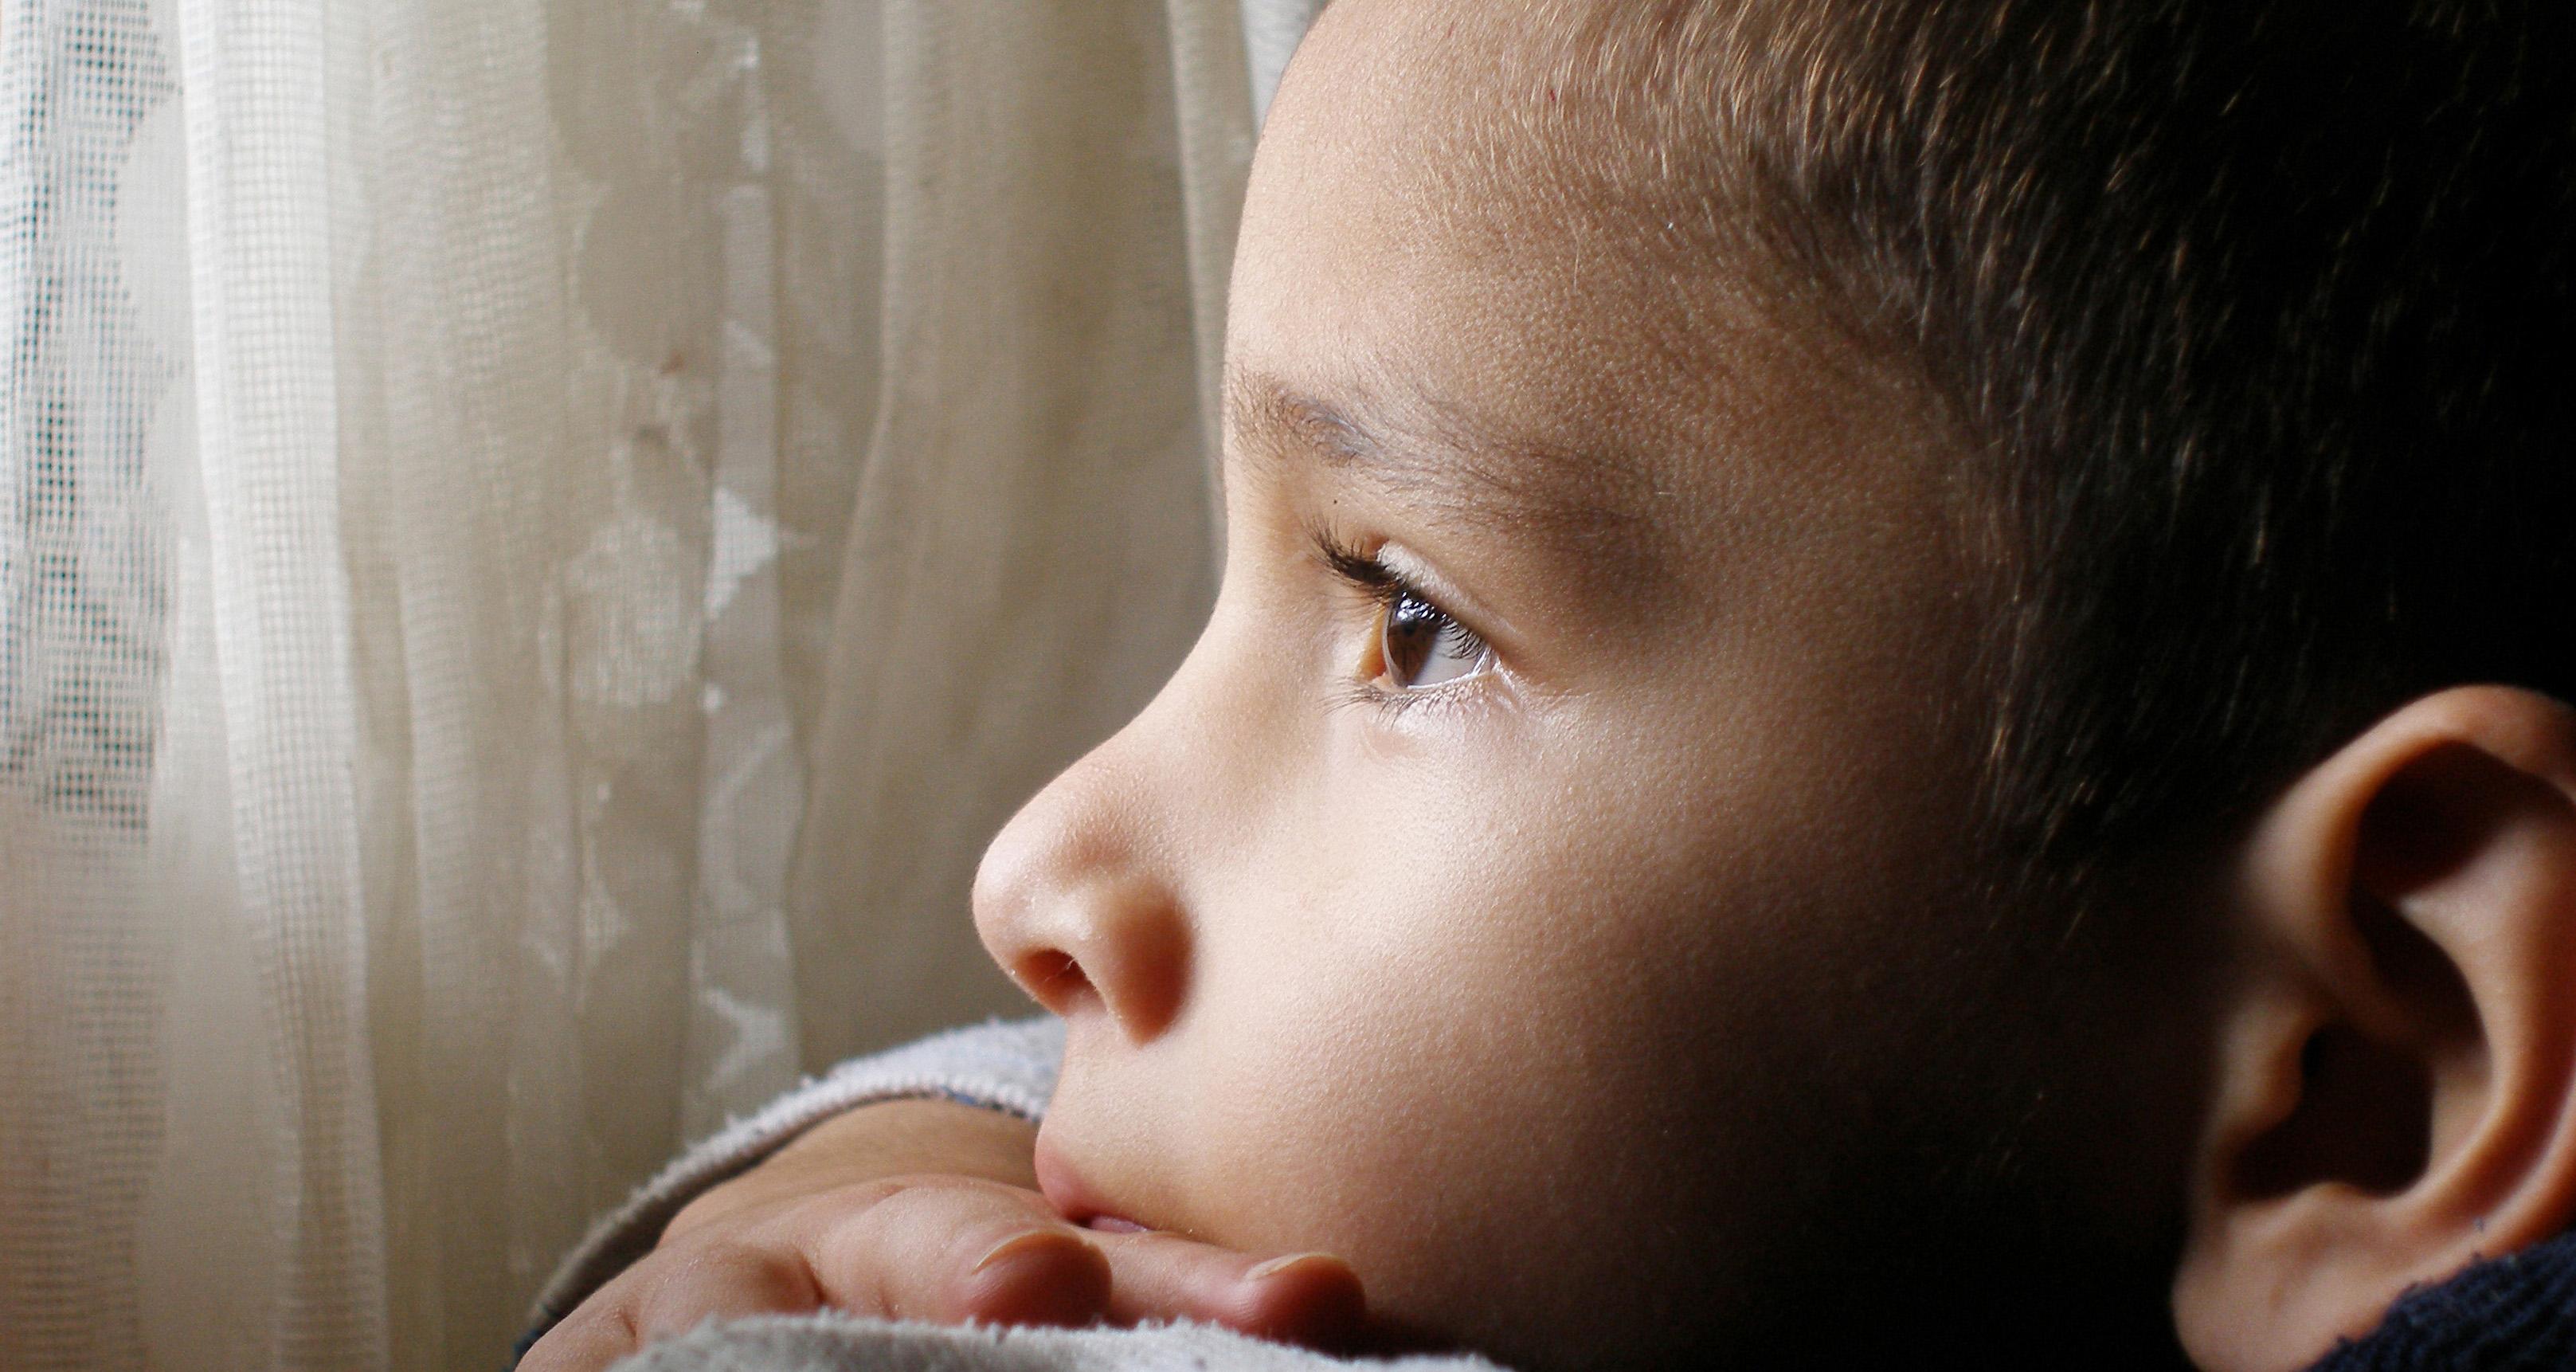 В ЯНАО неуравновешенная мать жестоко избила сына из-за пособия